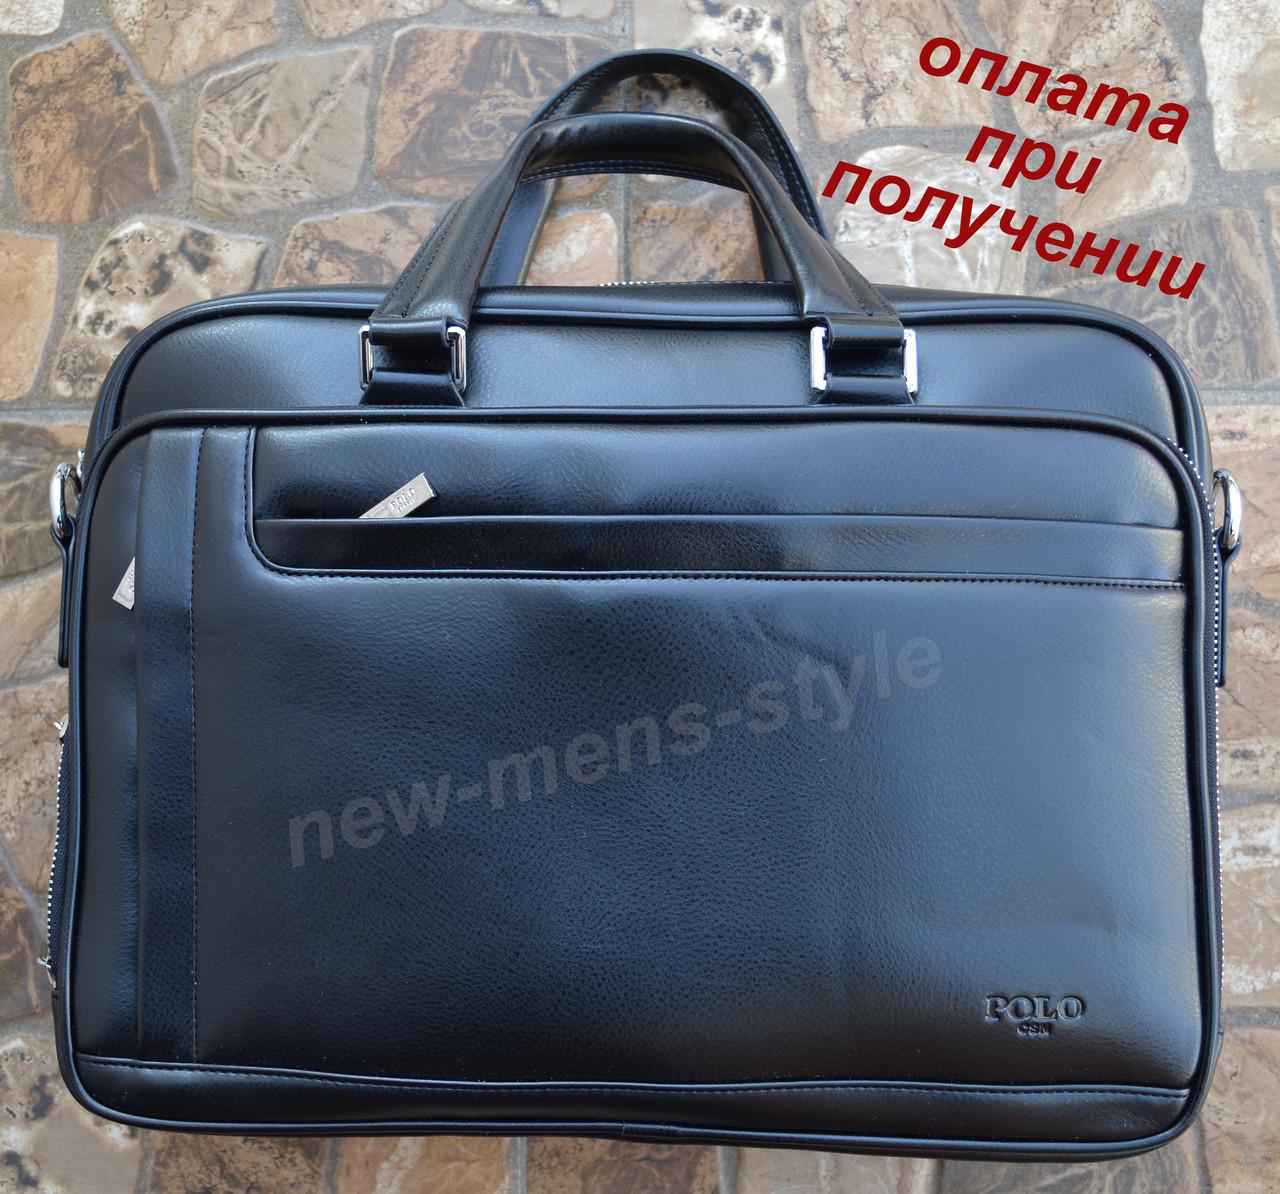 ed69f1862467 Мужская кожаная фирменная деловая сумка портфель Polo для документов ...